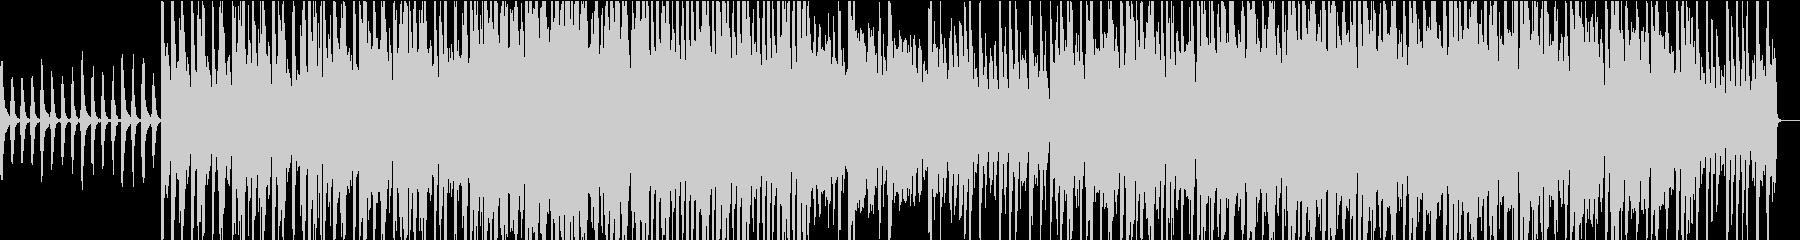 ストリングスが印象的でメロディアスな曲の未再生の波形